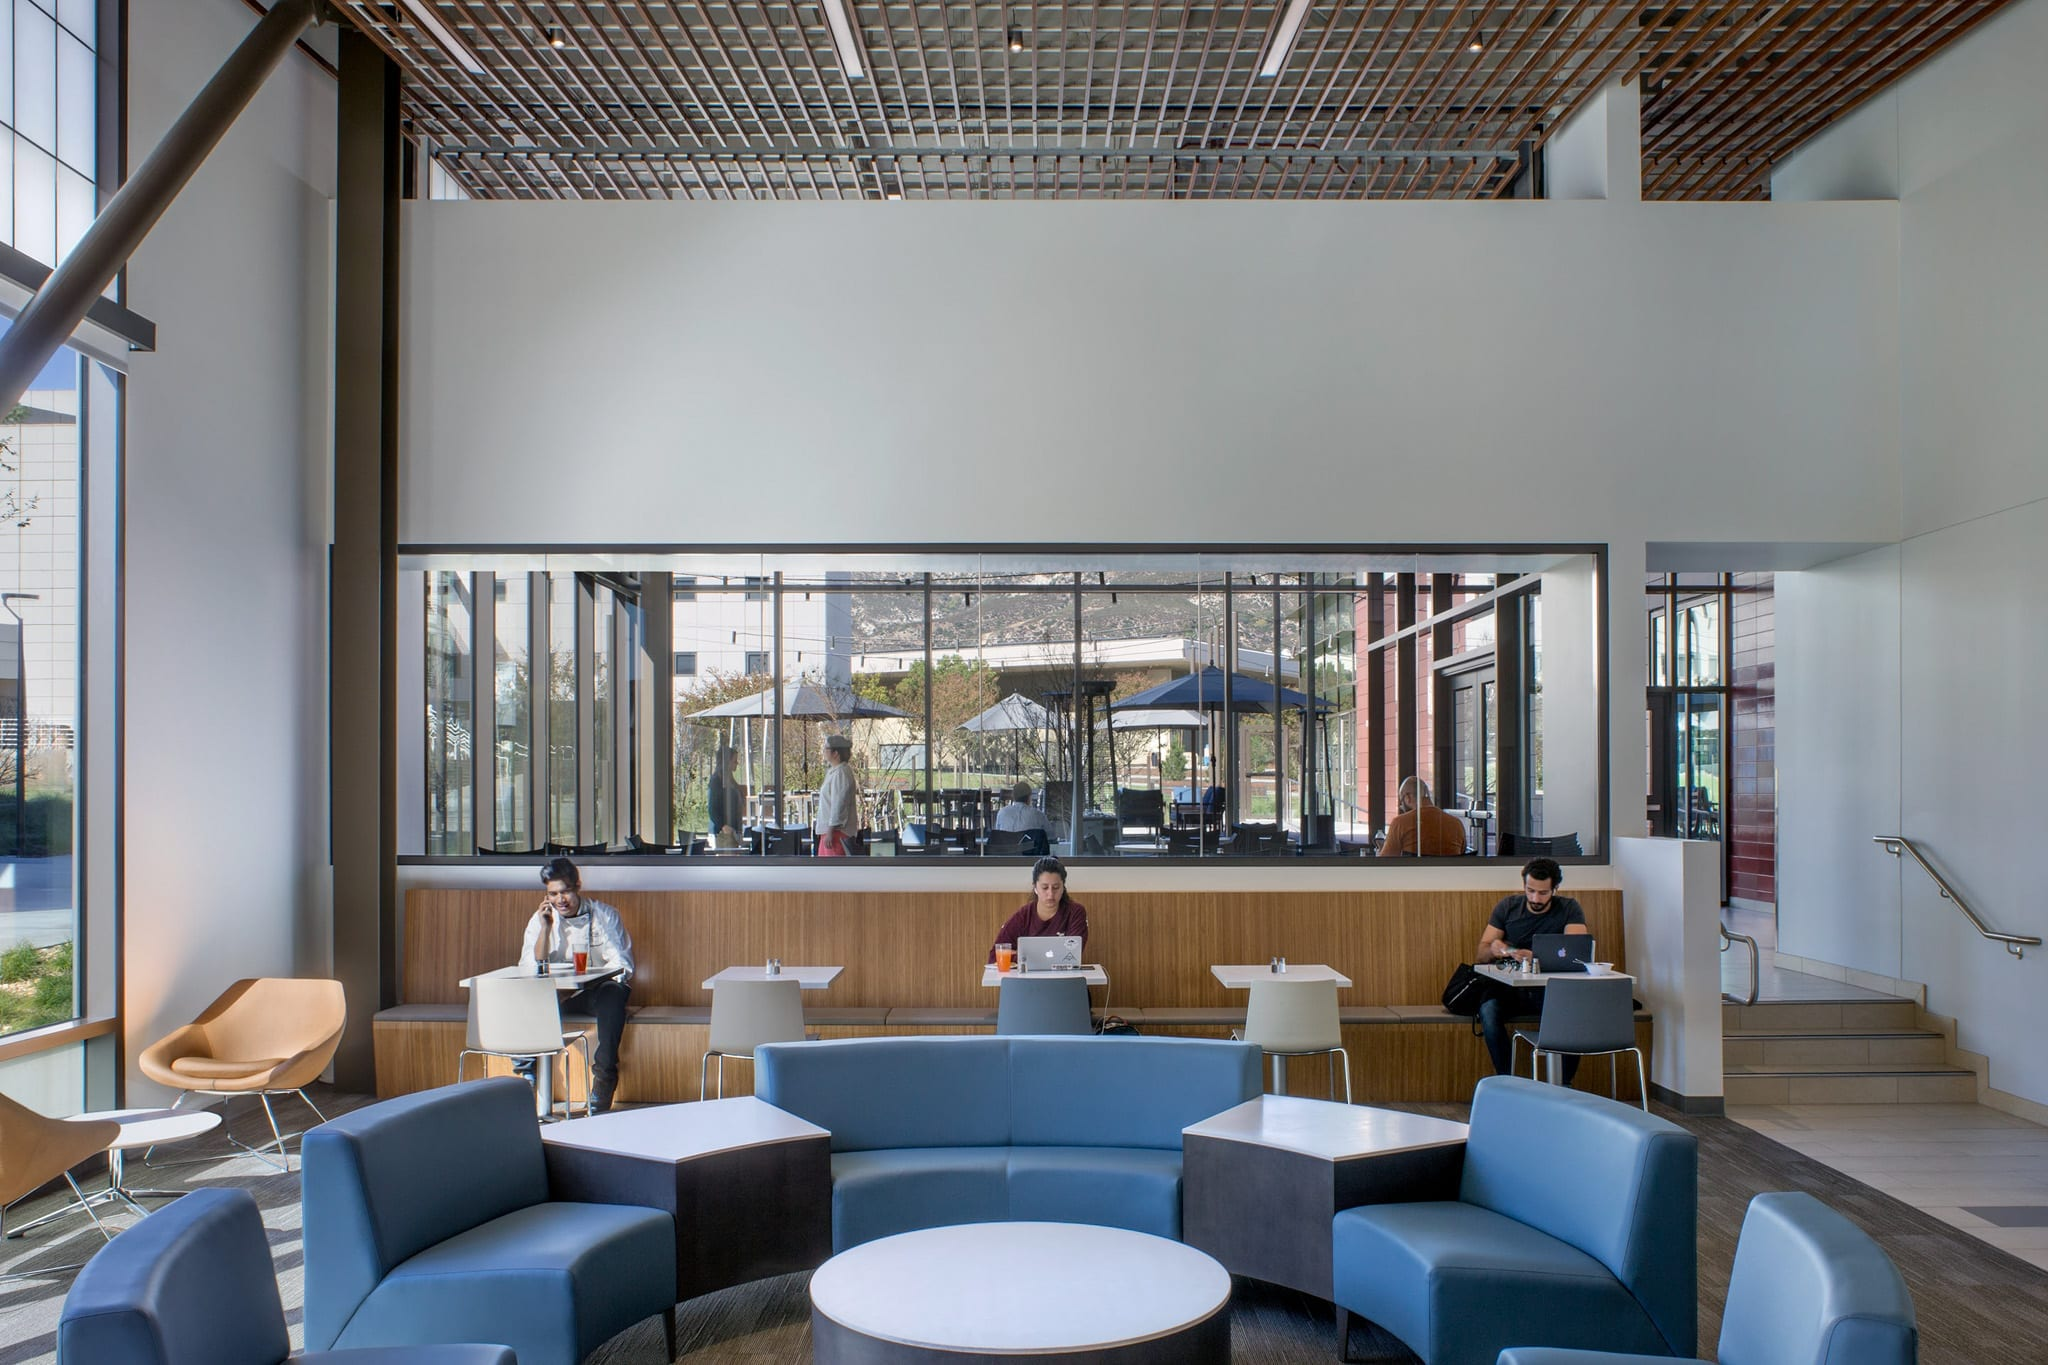 Higher Ed—CSU San Bernardino-6